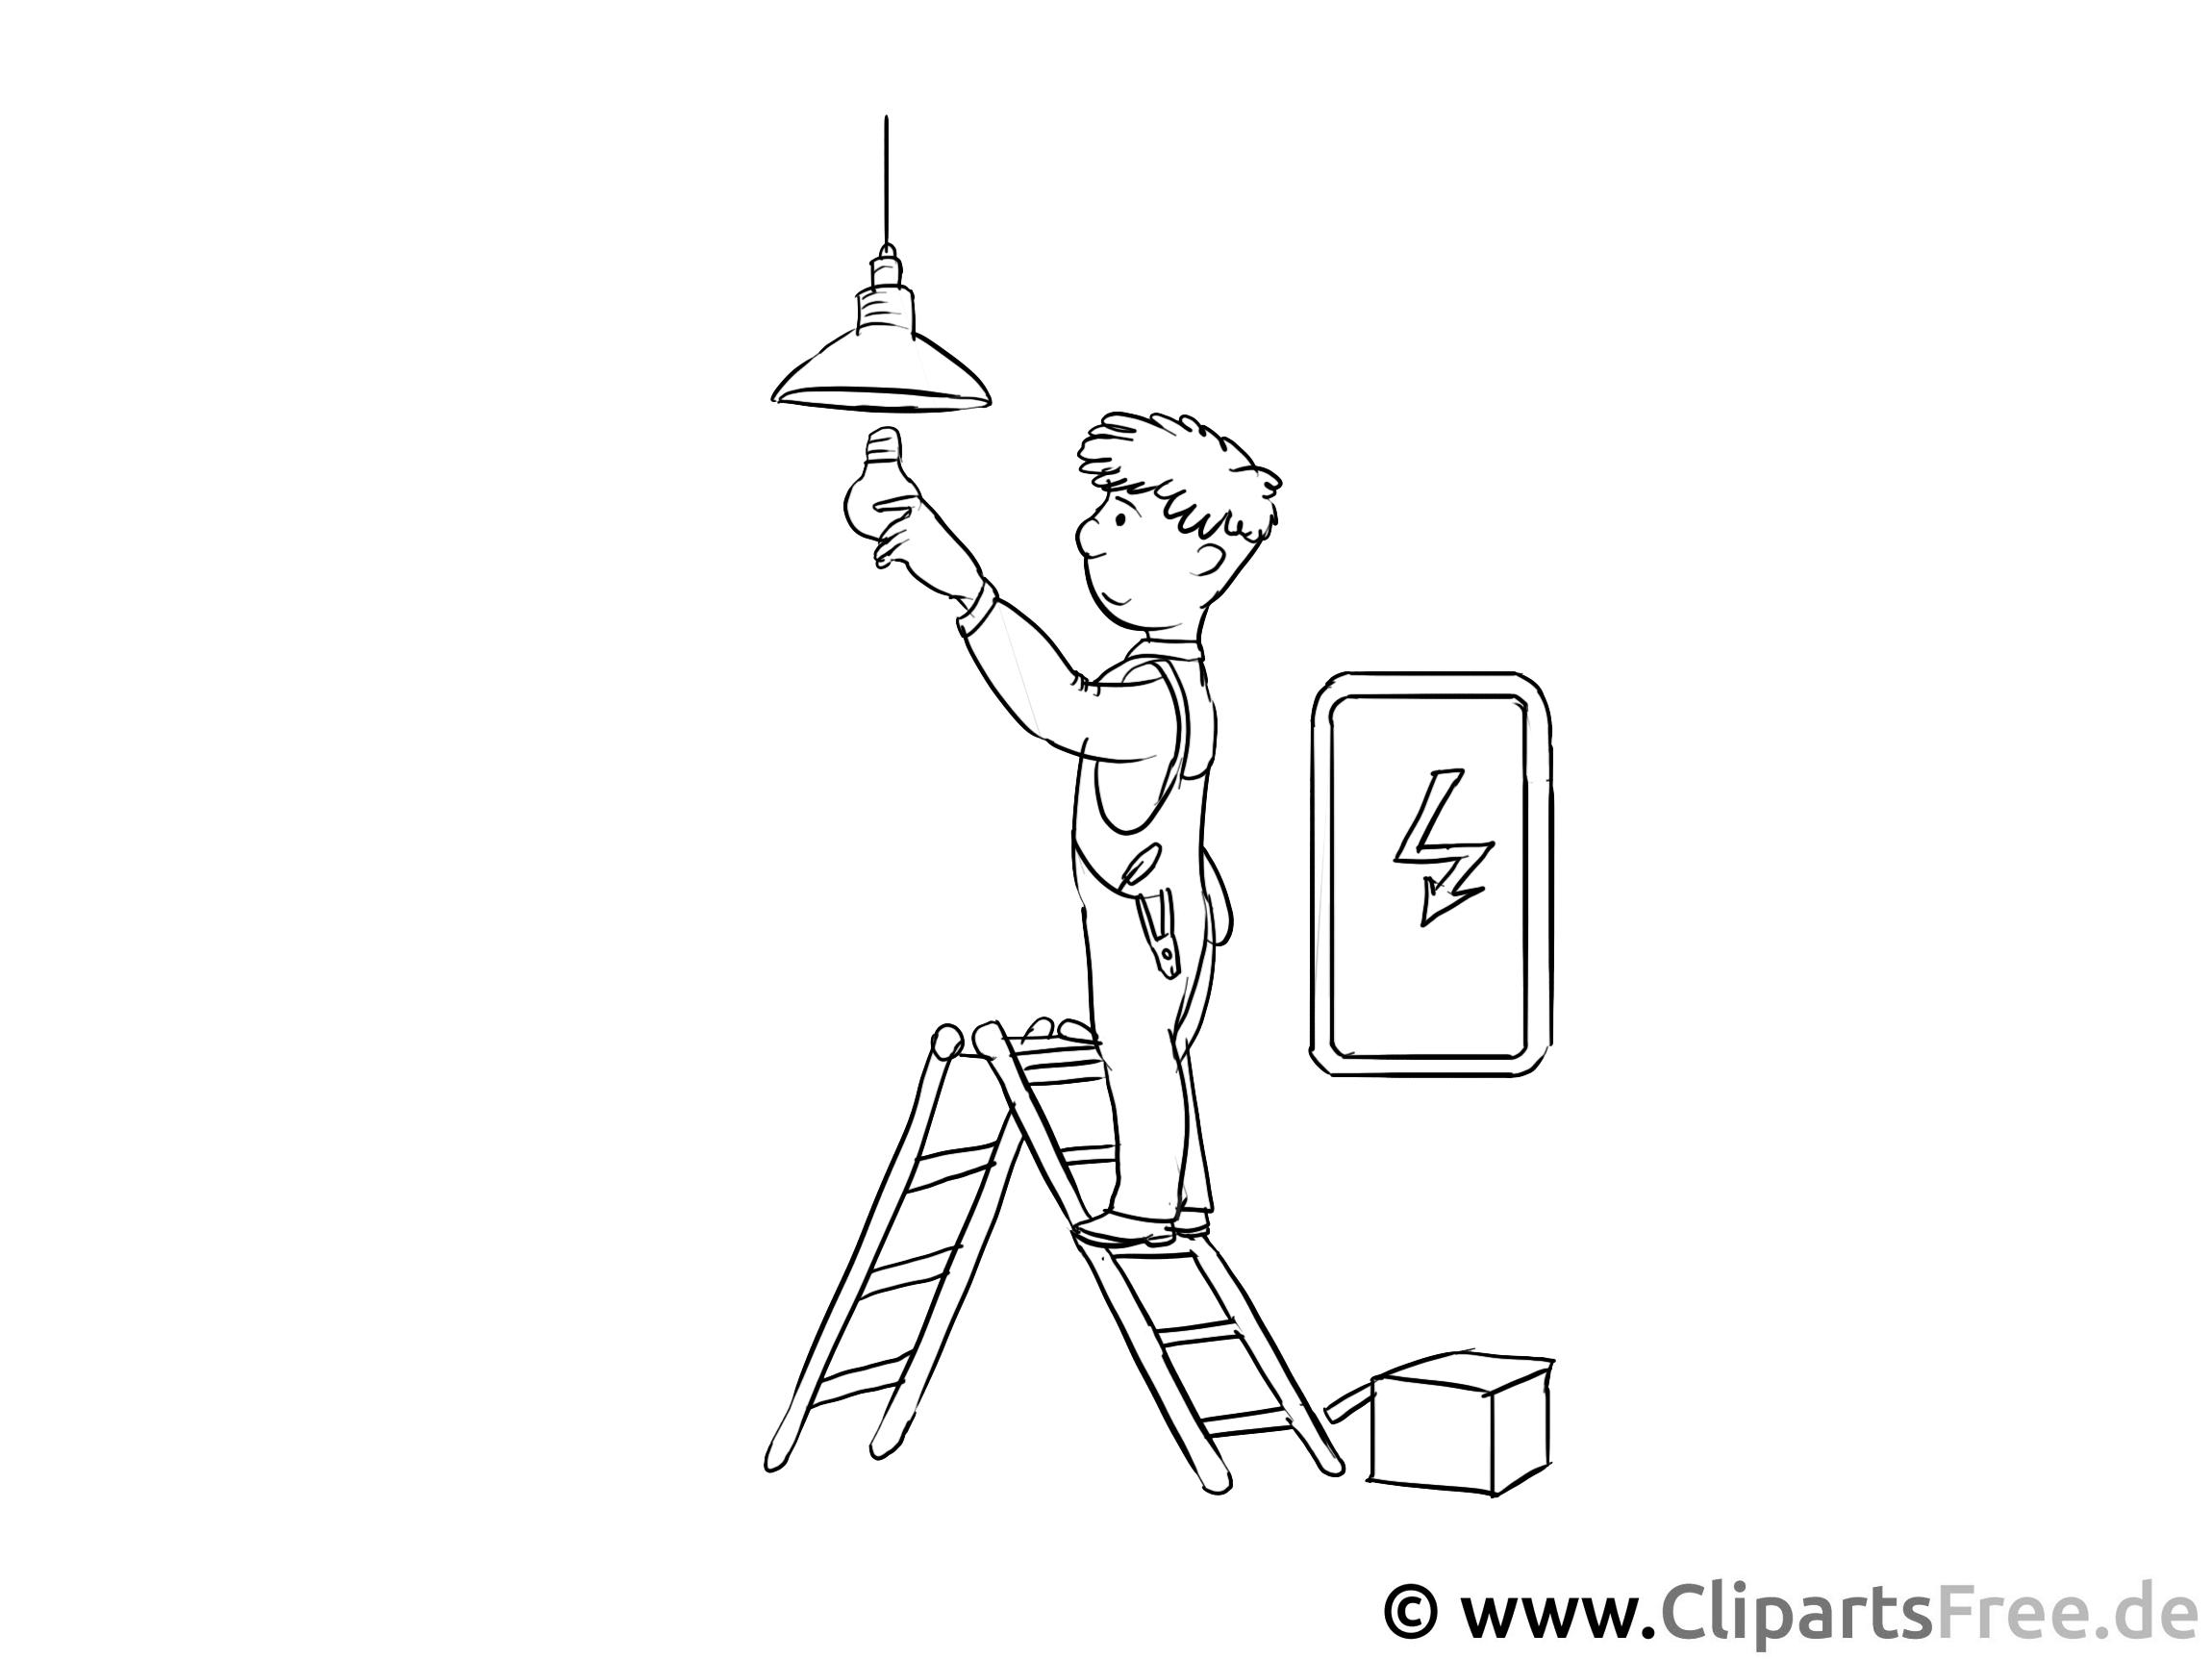 Elektriker Malvorlage - gratis Ausmalbilder zum Ausdrucken